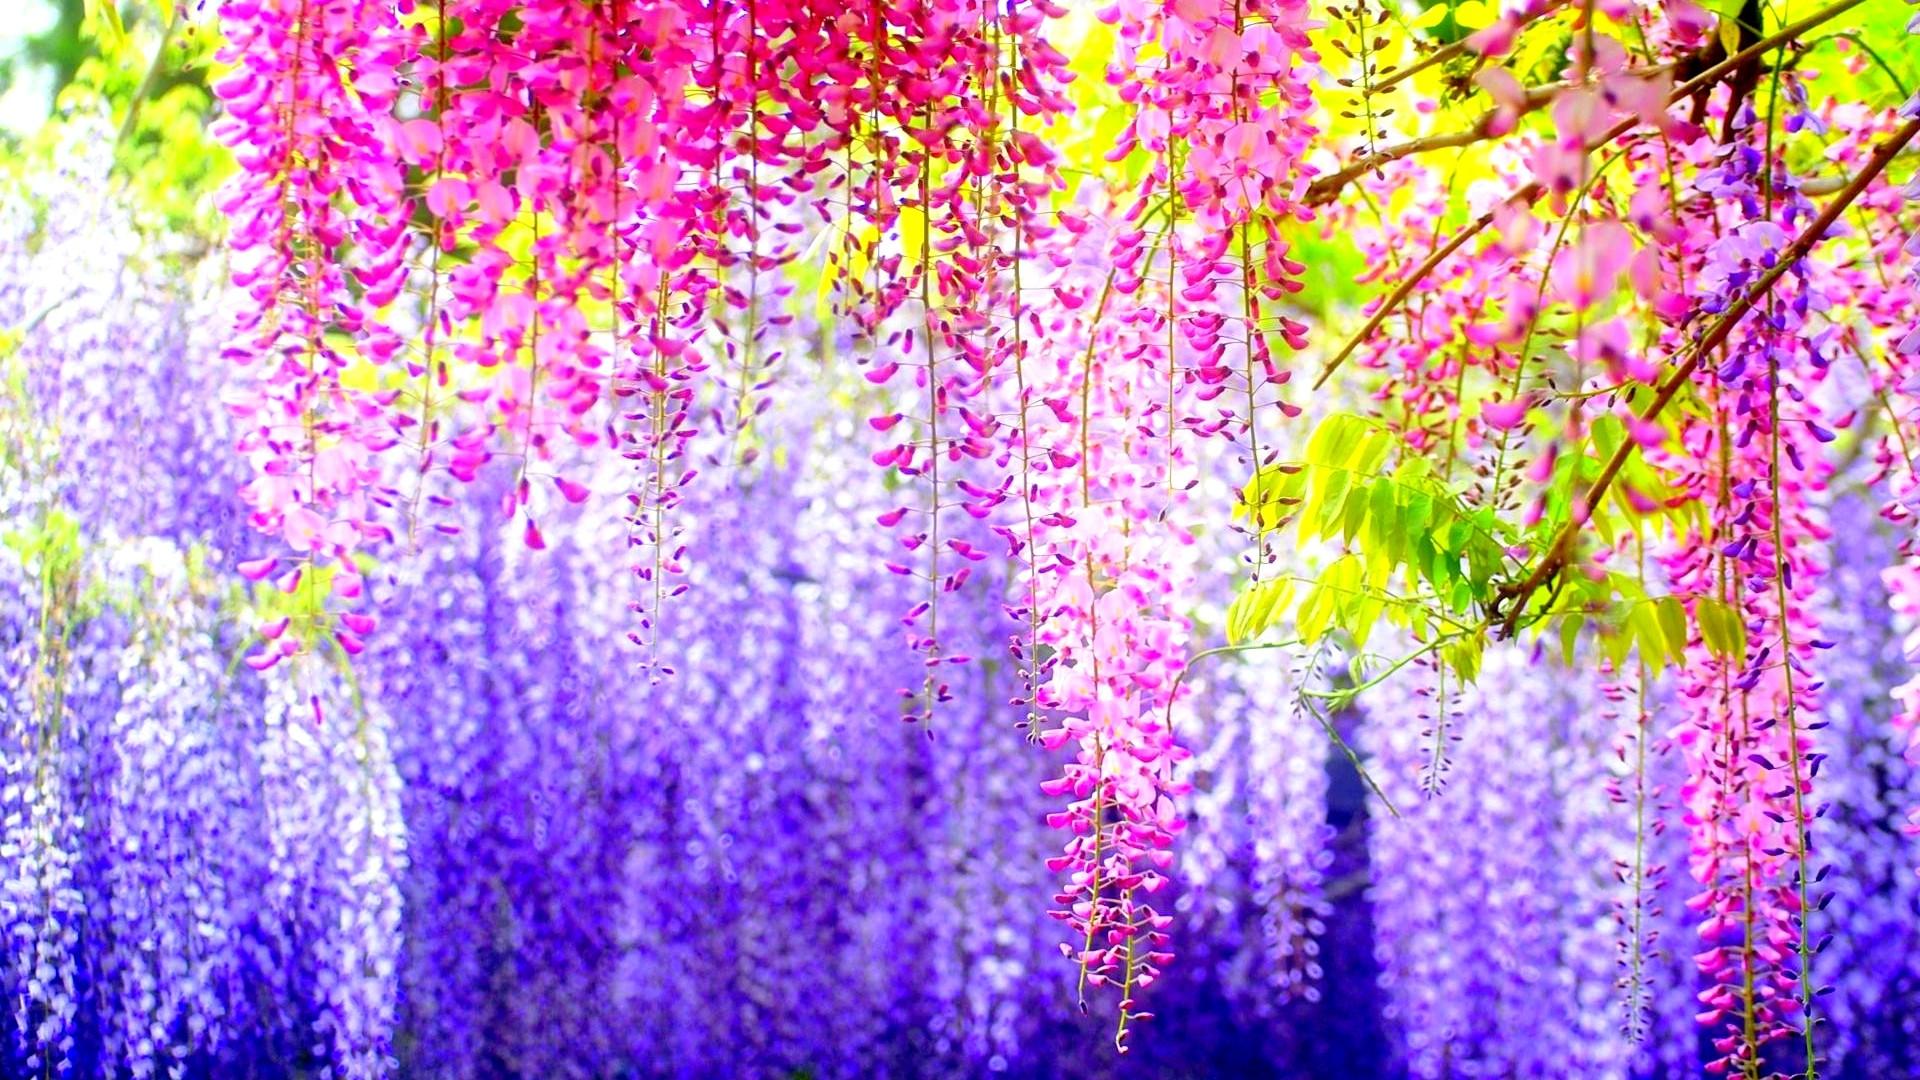 Pretty Flowers 1920x1080